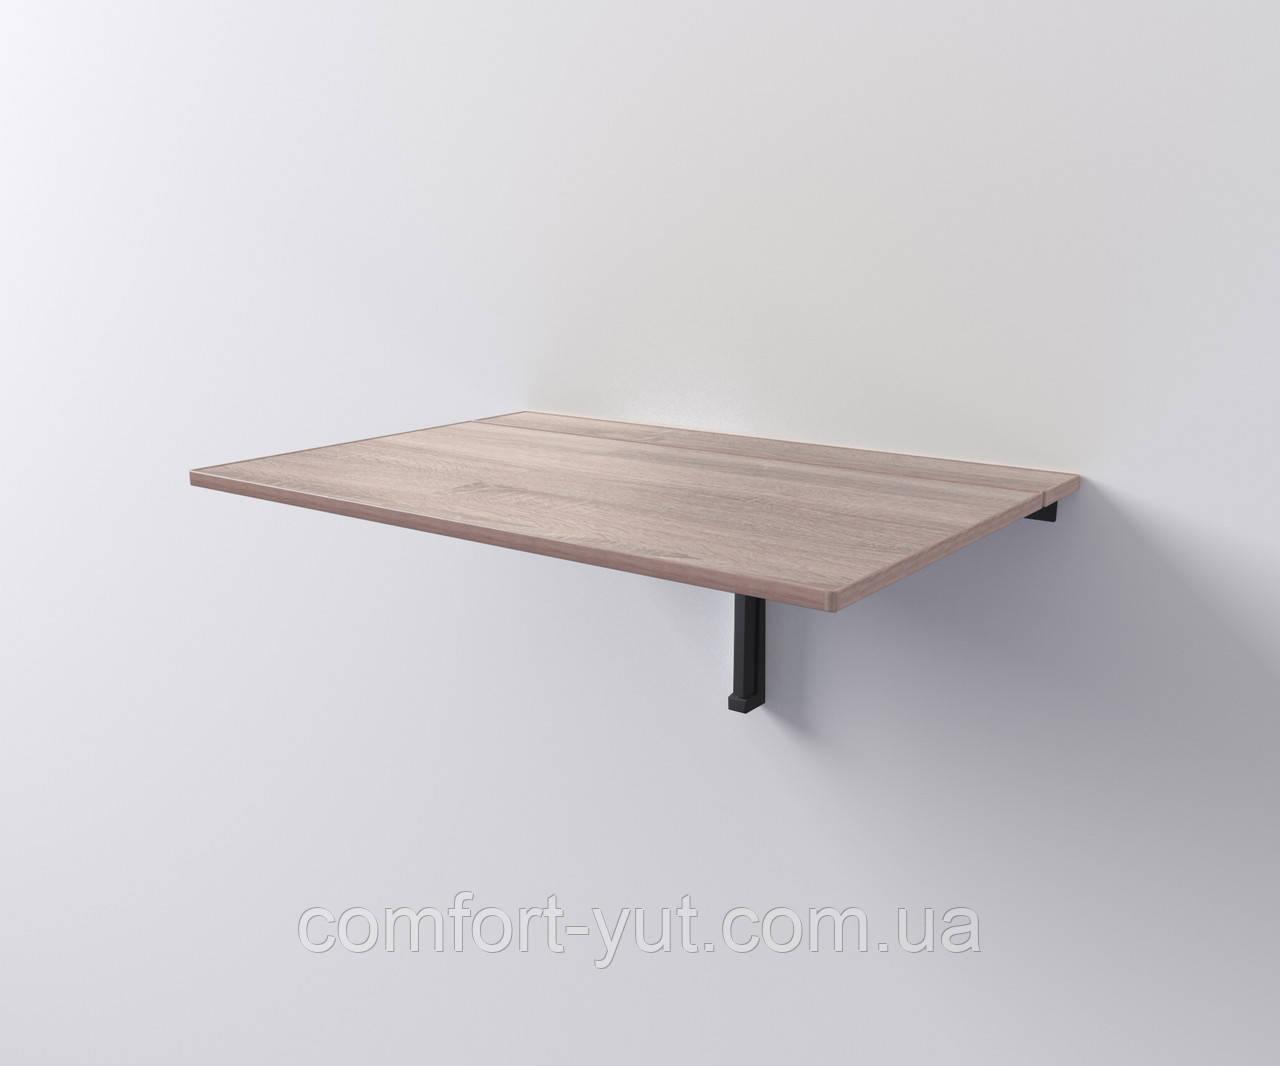 Стол трансформер Настенный (откидной) 90*55 дуб сонома